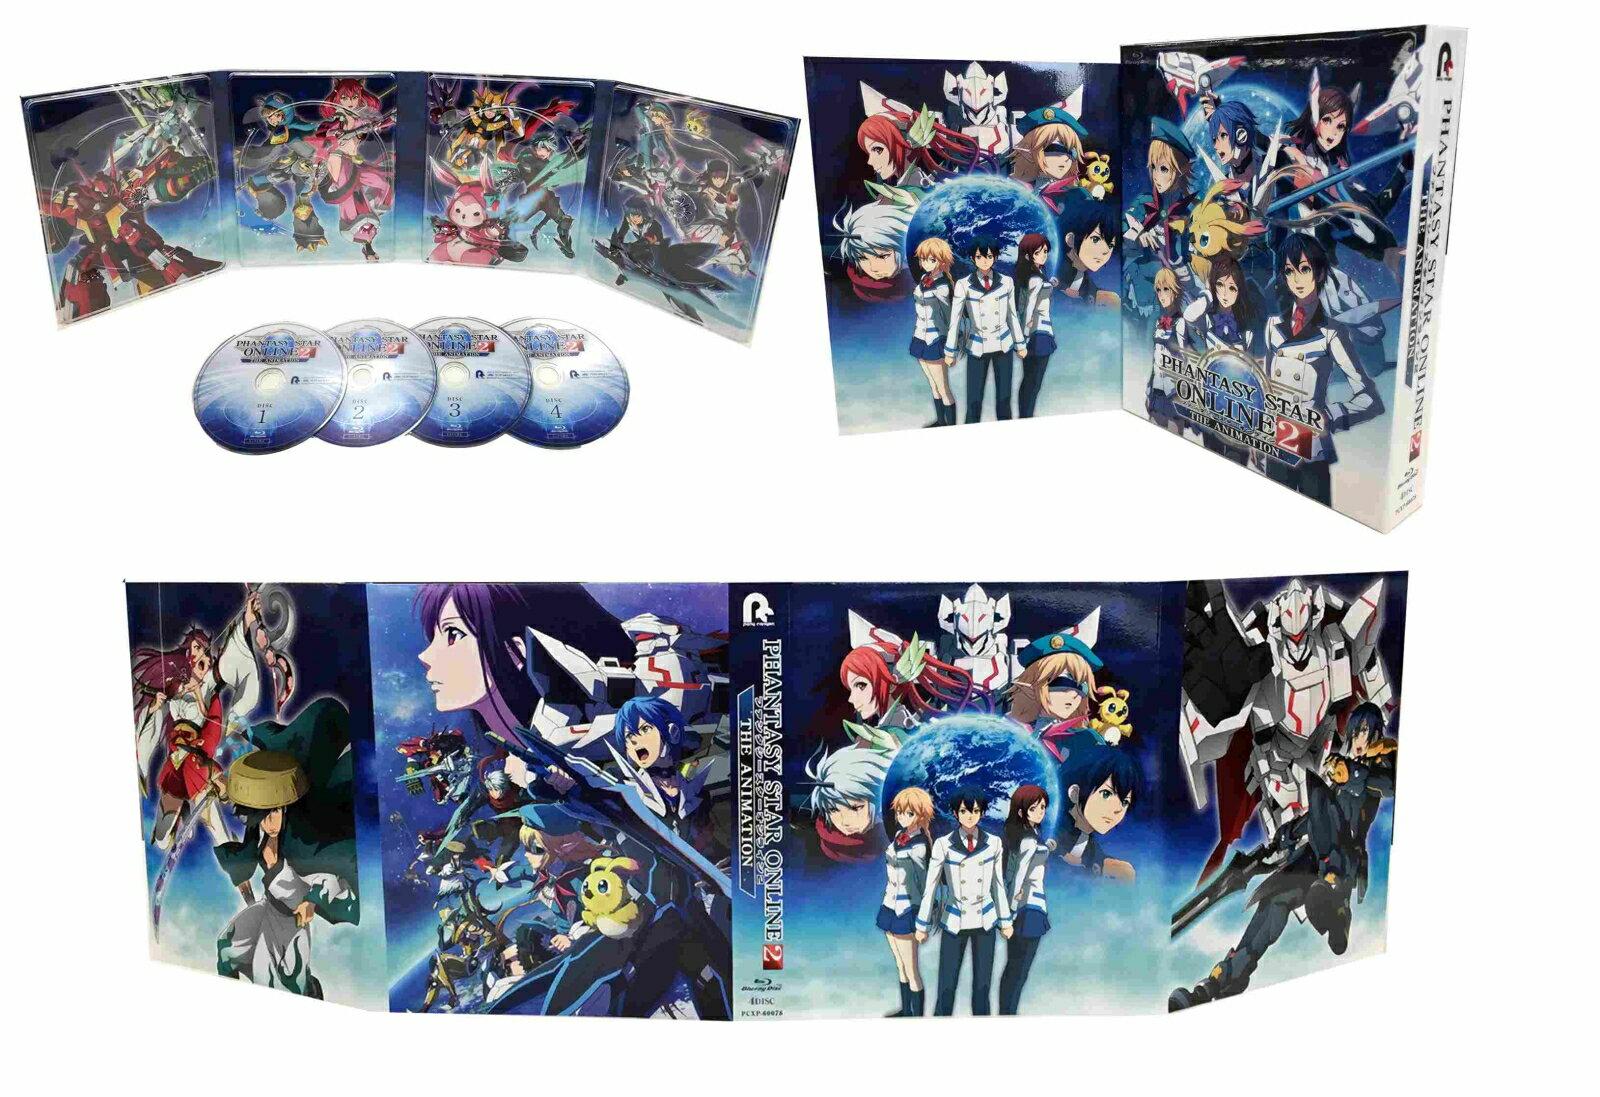 ファンタシースターオンライン2 ジ アニメーション Blu-ray BOX【Blu-ray】画像